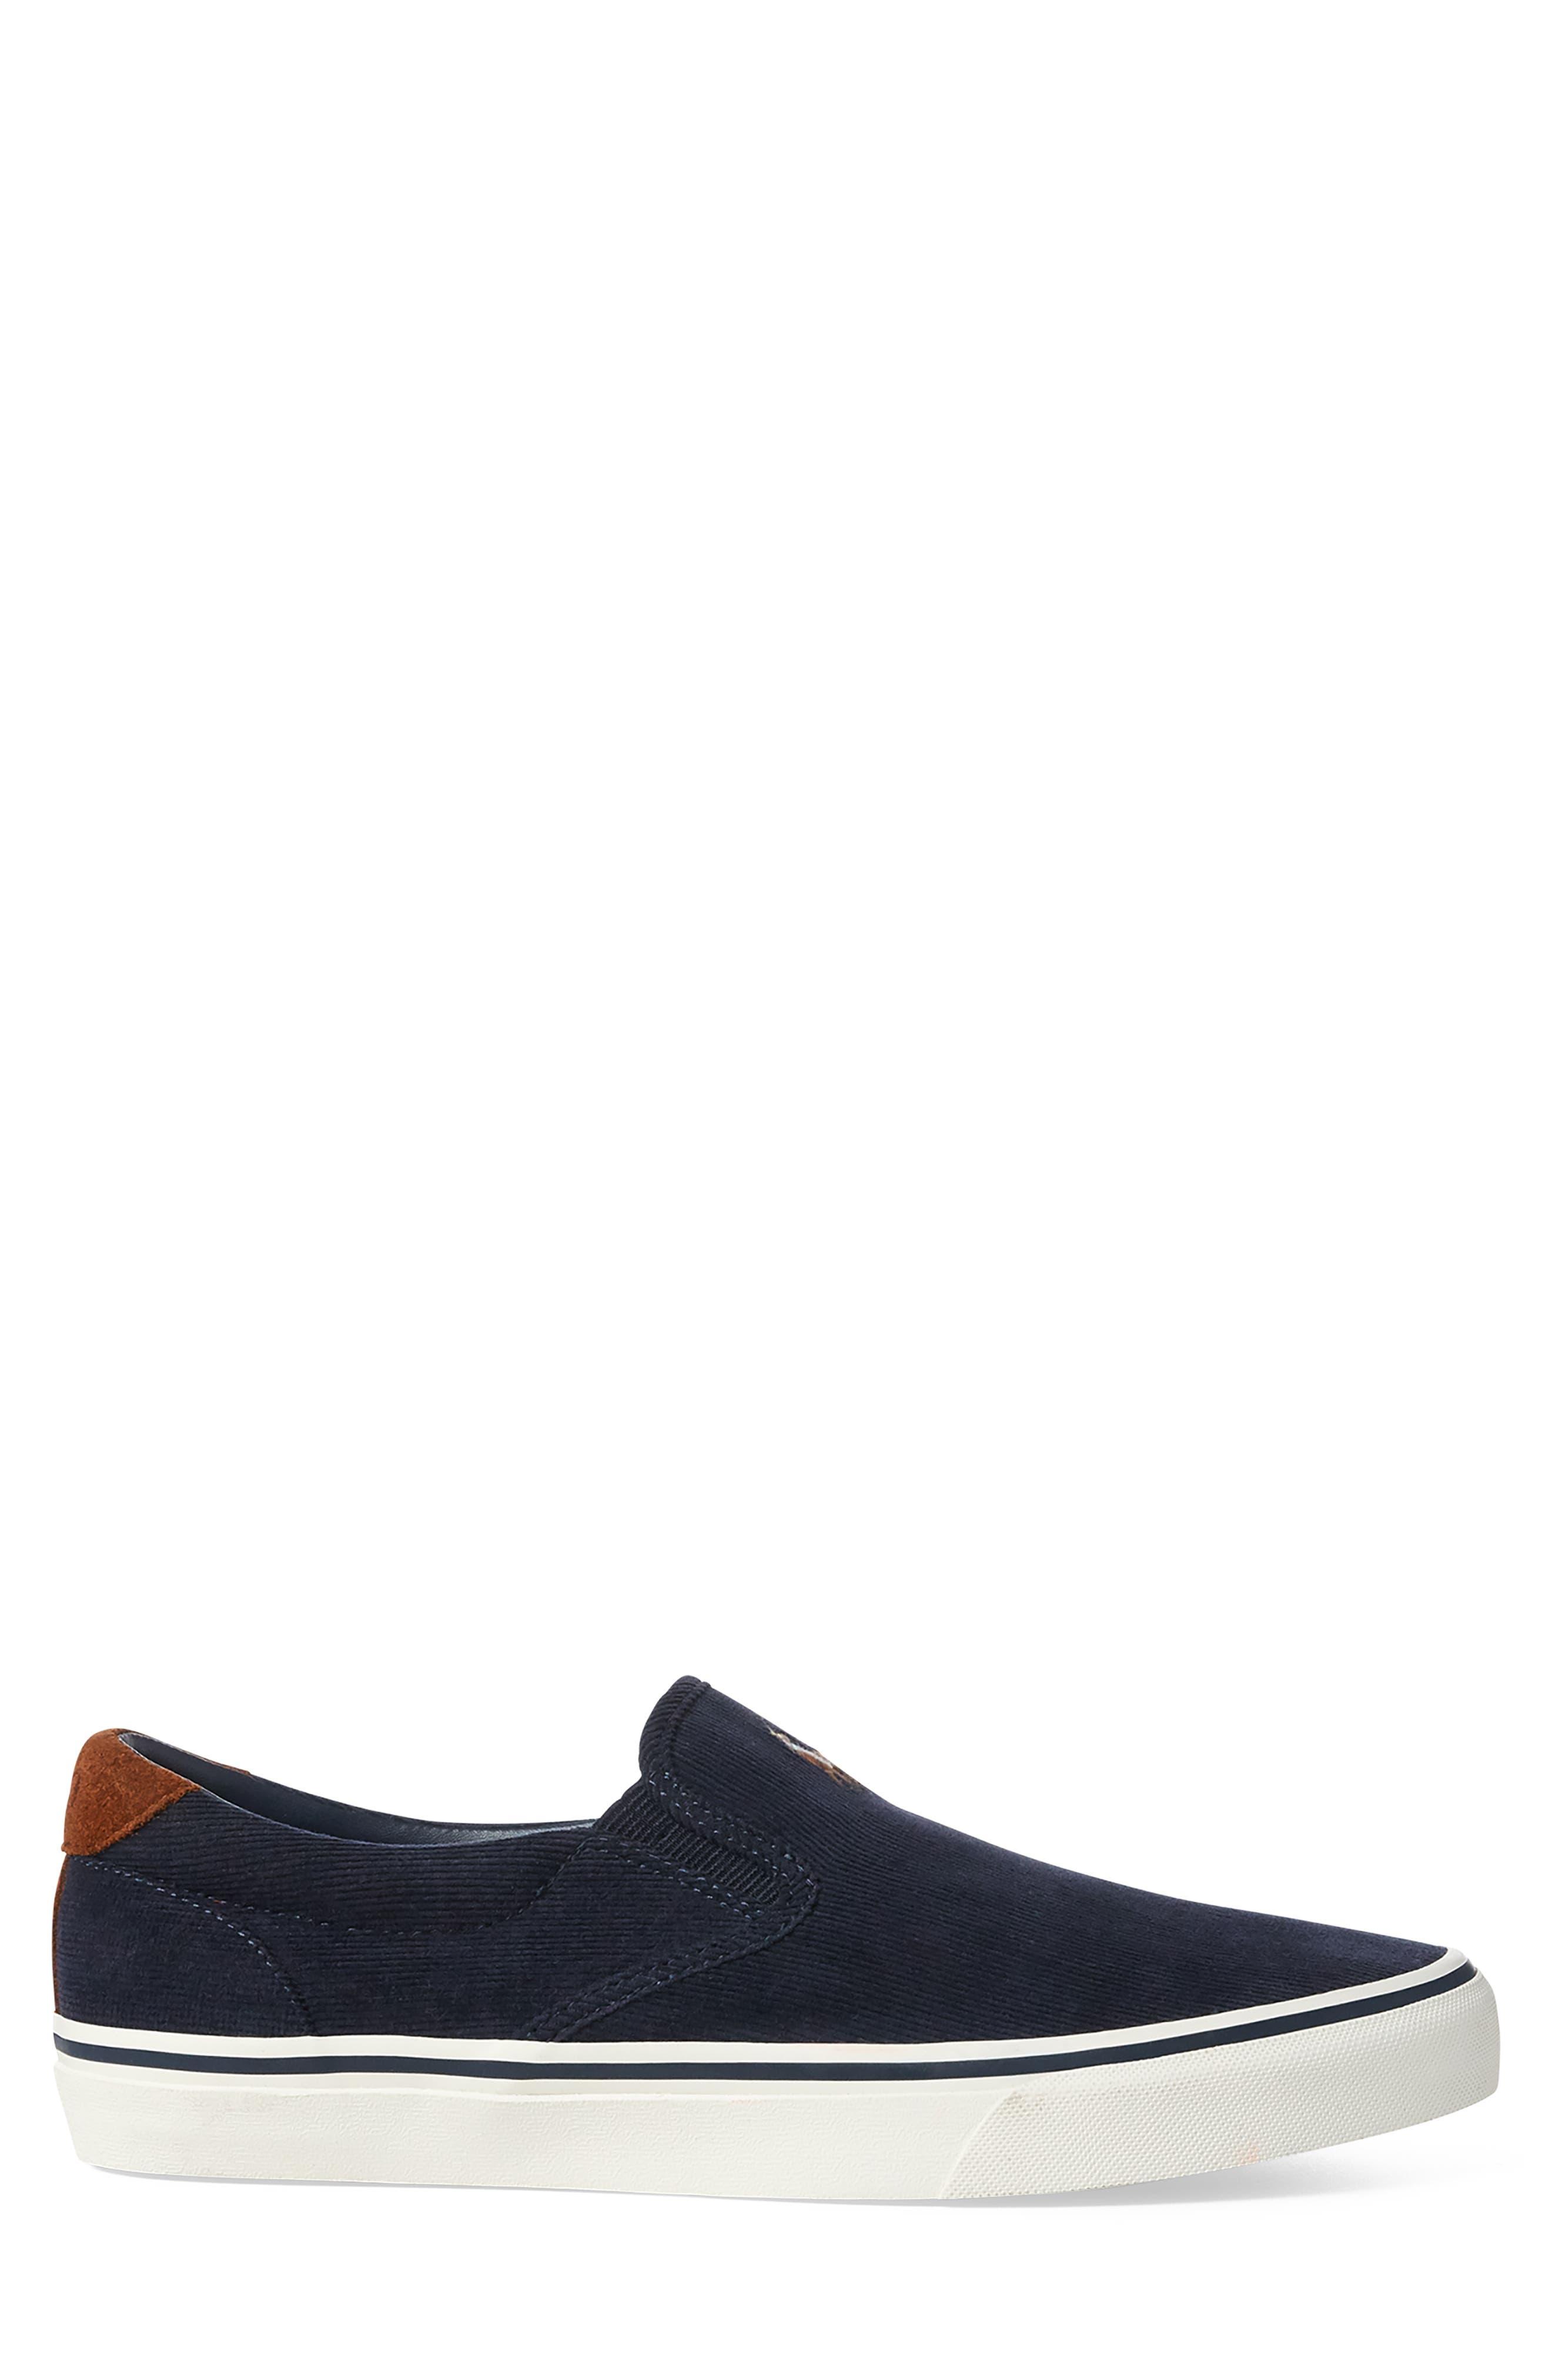 Thompson Corduroy Slip-On Sneaker,                             Alternate thumbnail 2, color,                             NAVY